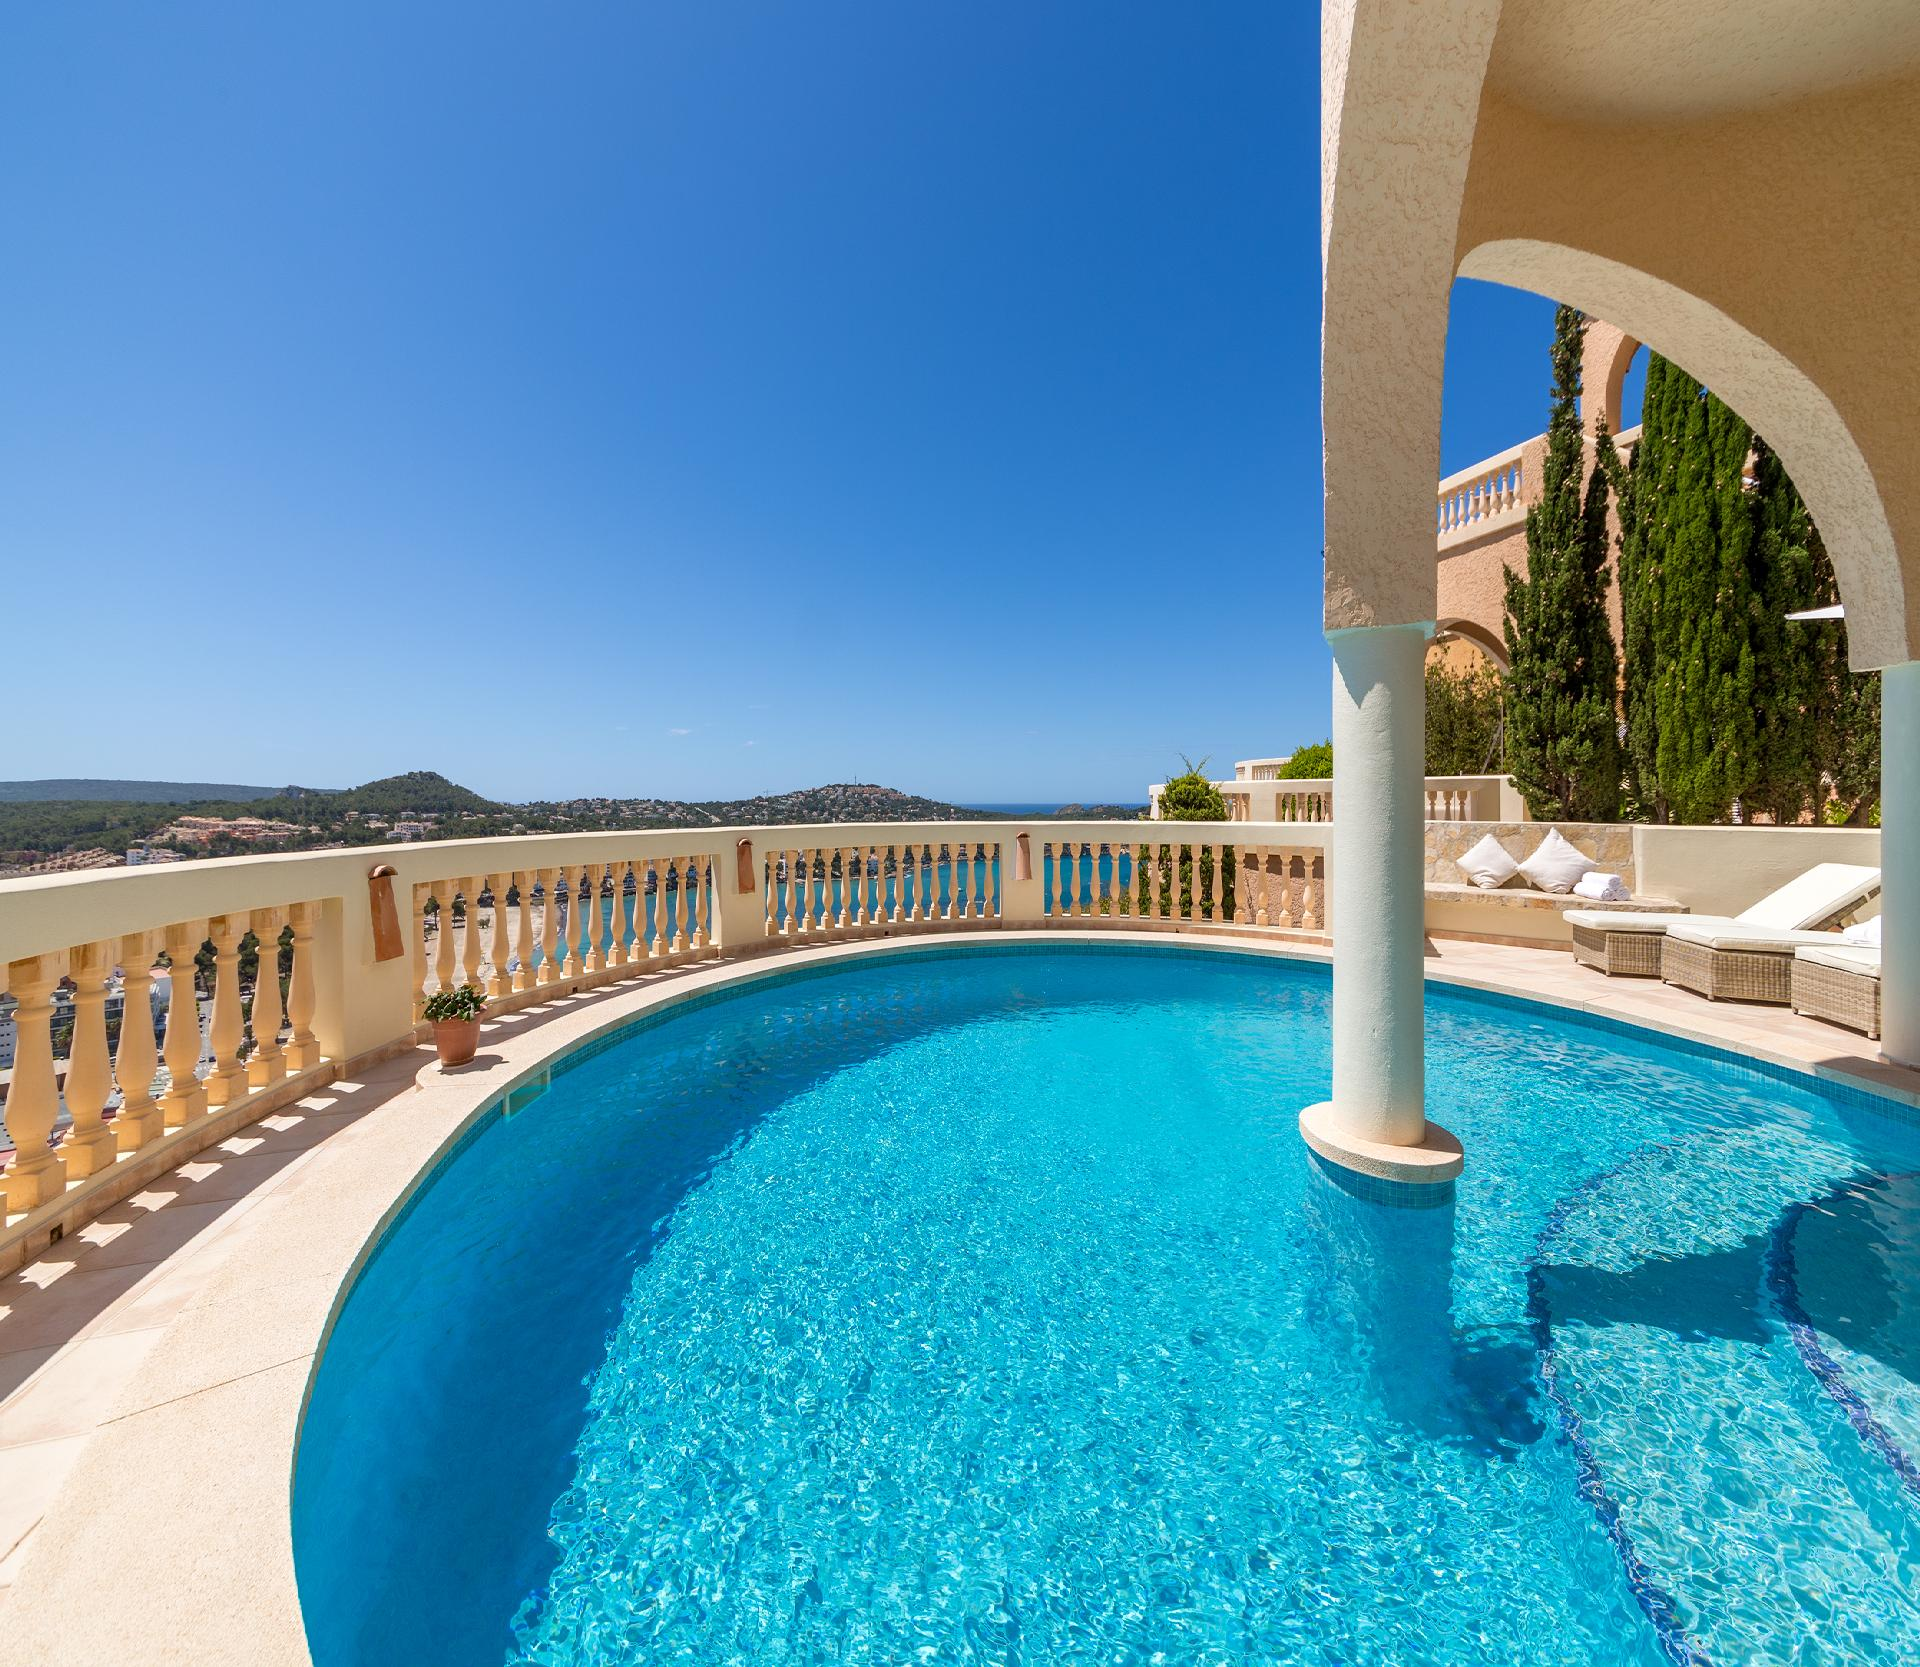 Luxuriöses Ferienhaus in Santa Ponca mit Pool und gigantischen Blick aufs Meer